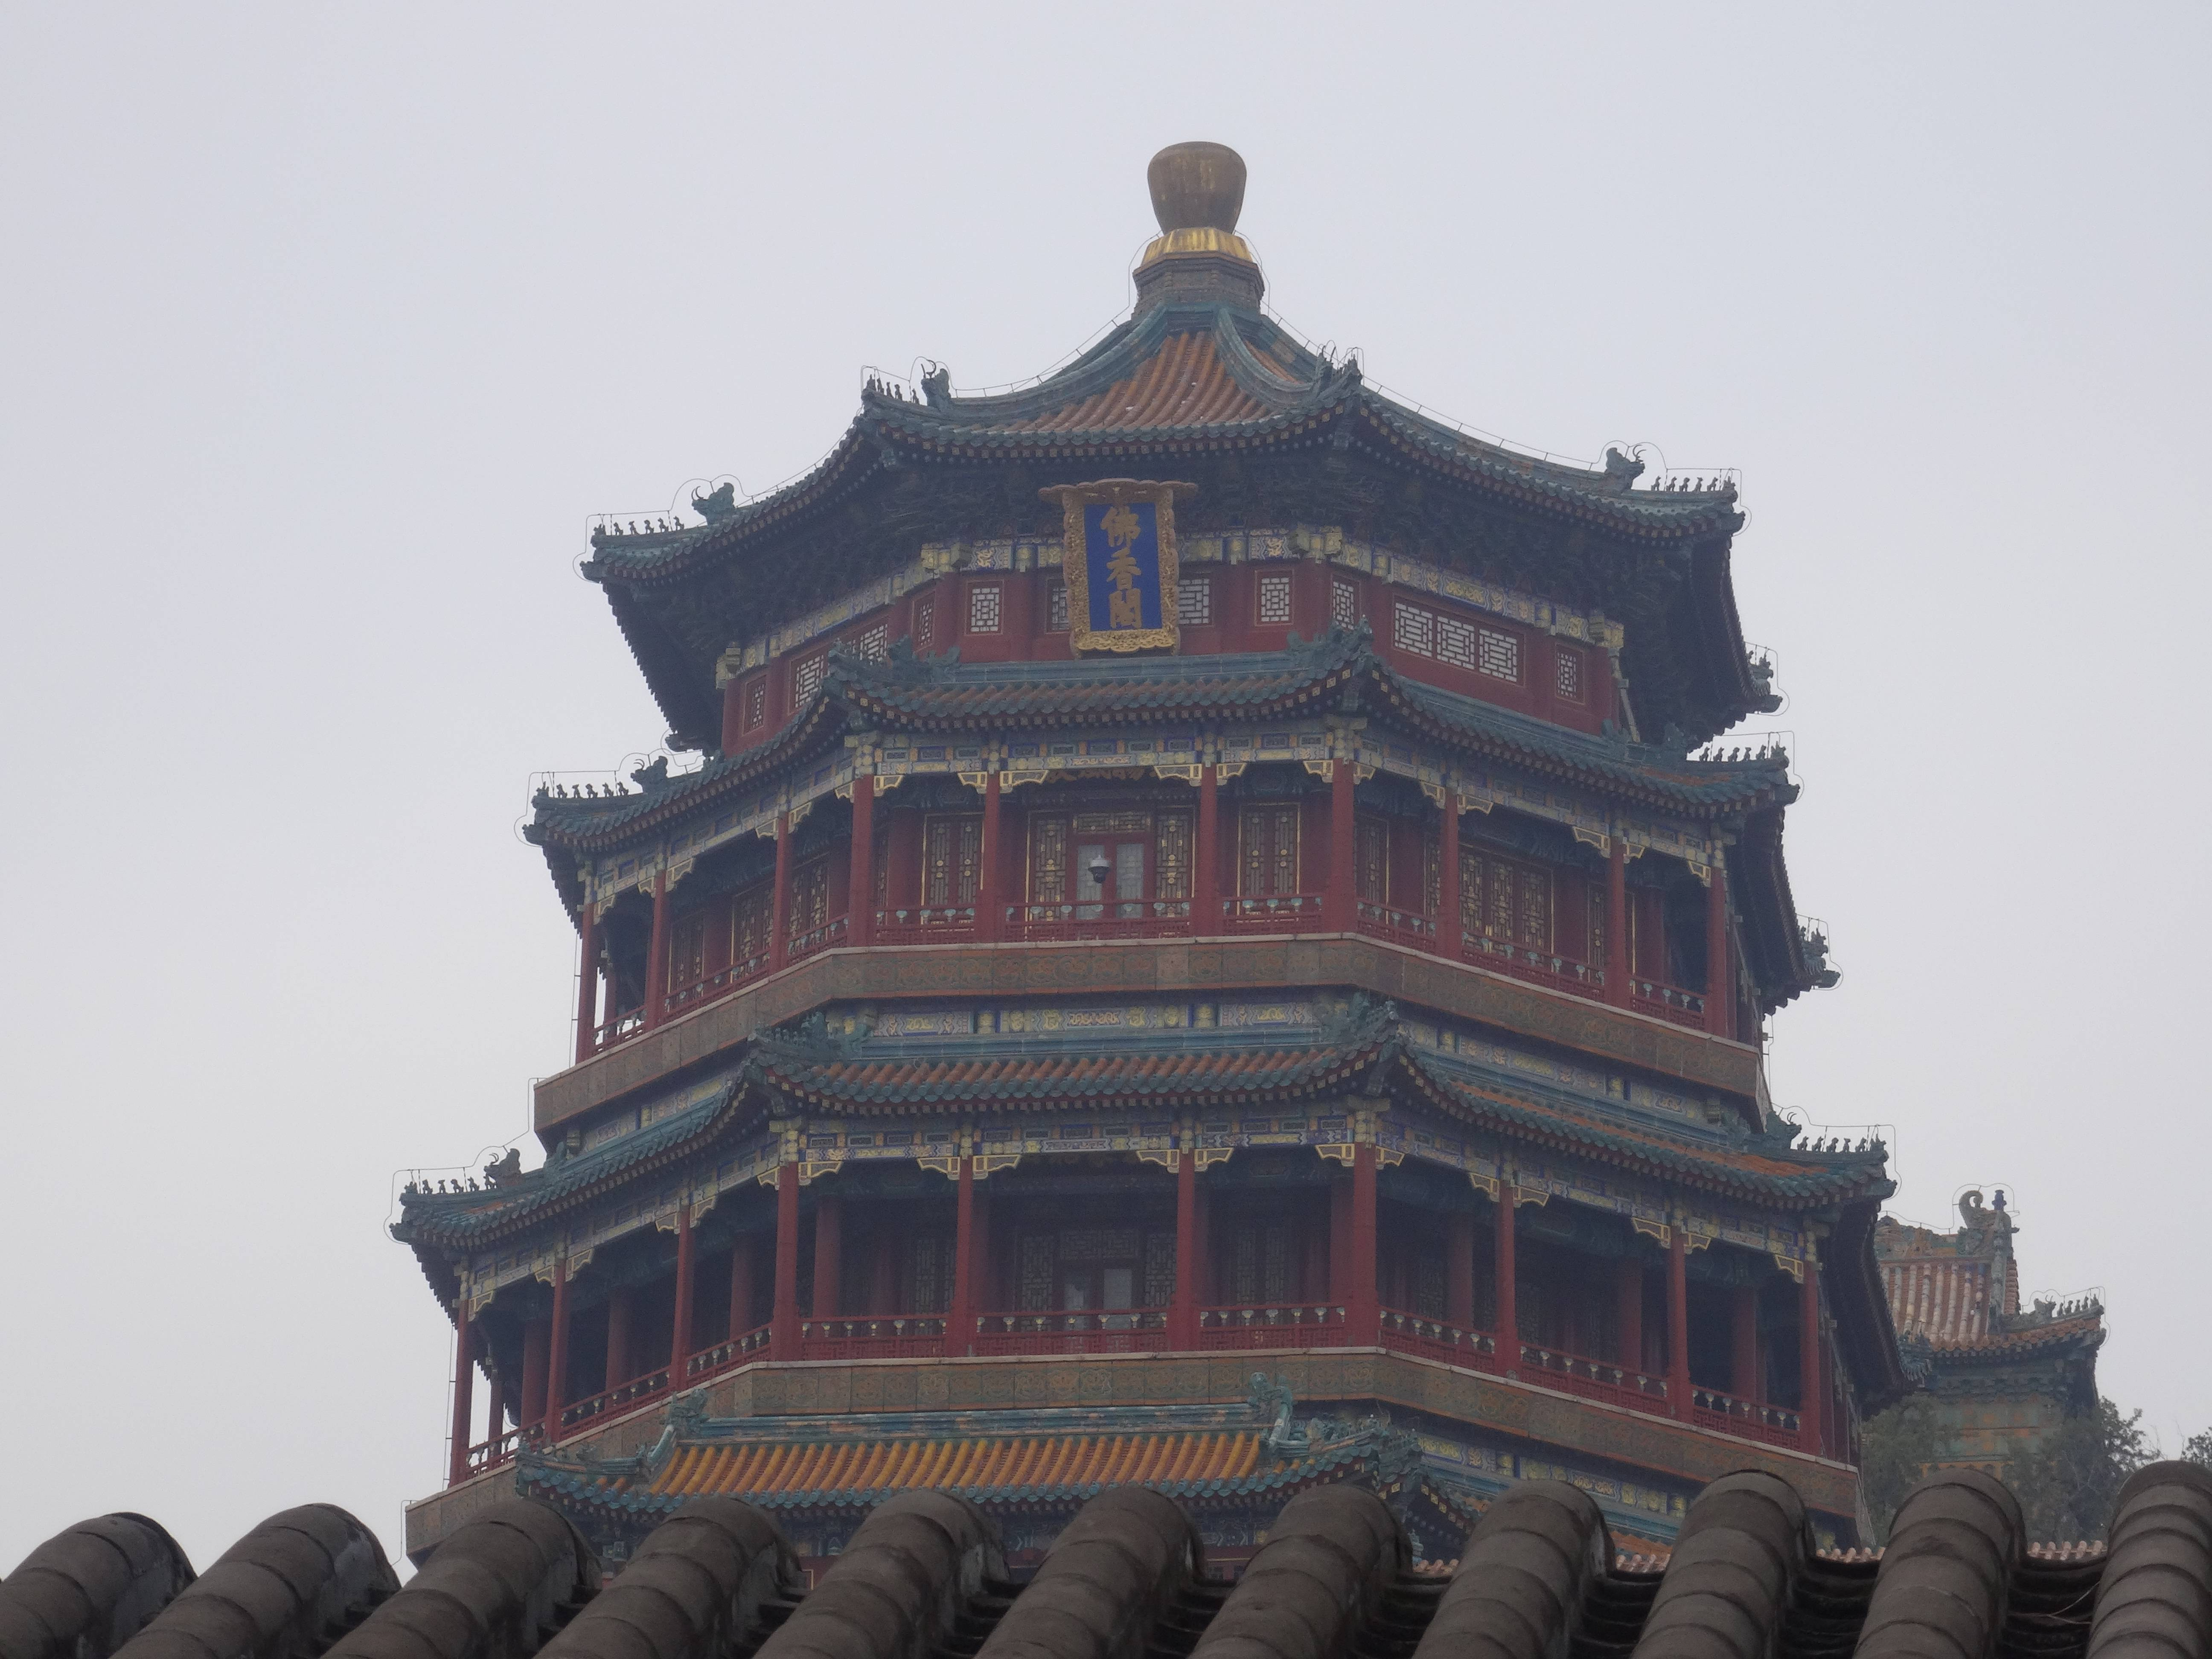 Photo 3: Le Palais d'Eté, Pékin, Chine....Chef d'oeuvre de l'art des jardins...